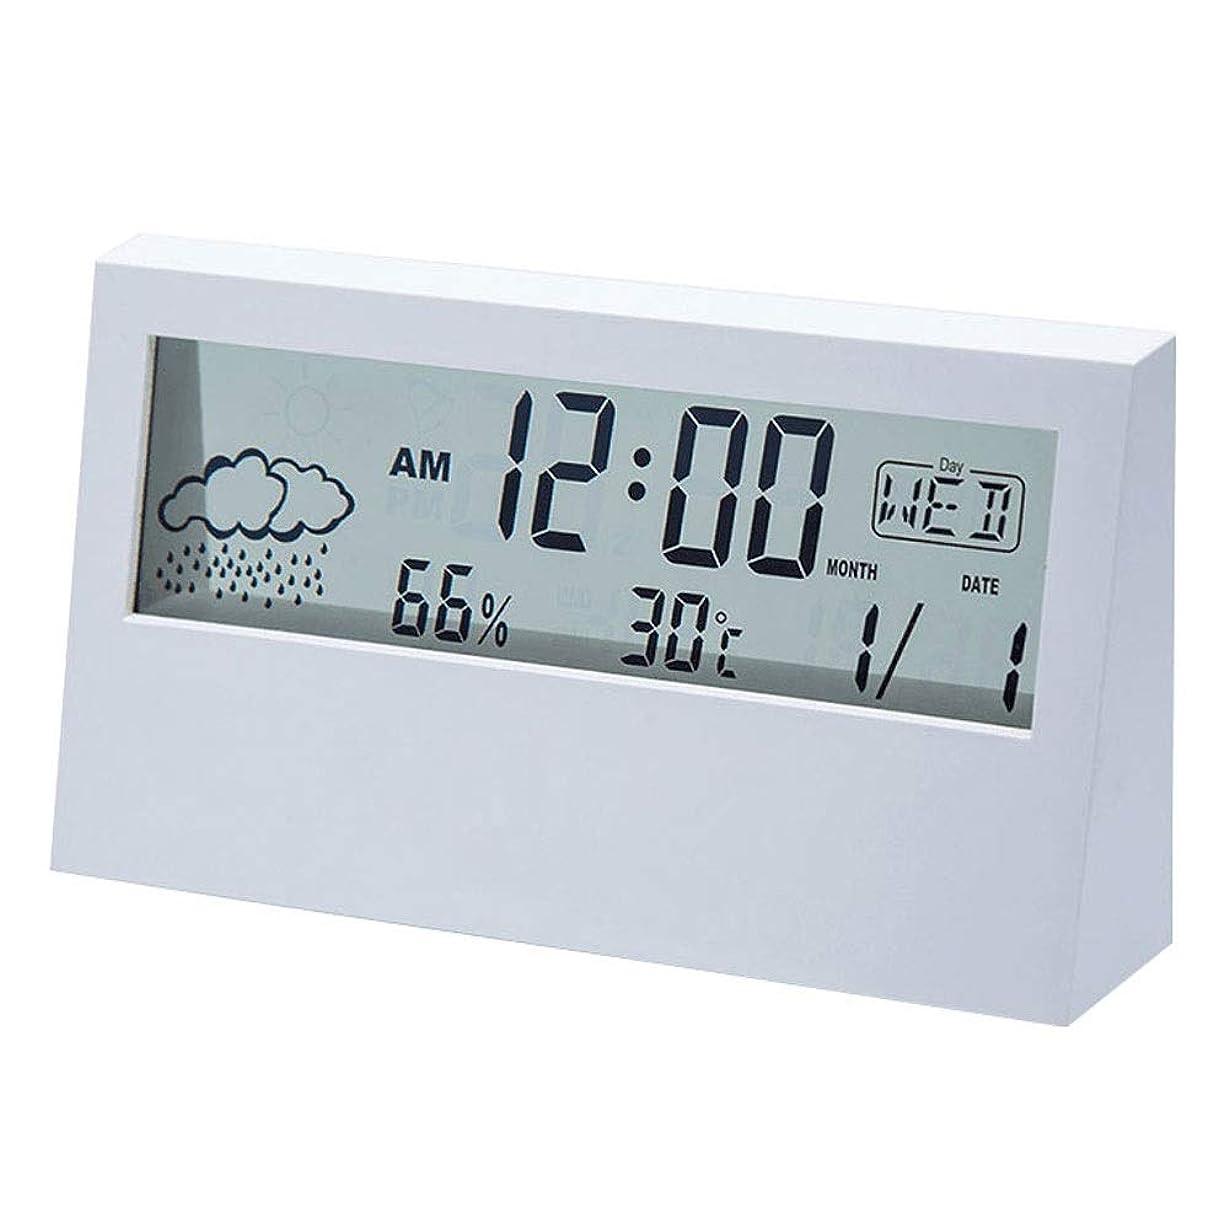 理解するレザー鳥多機能電子目覚まし時計シンプルな寝室のベッドサイドスマートデジタル時計学生ホームミュート表示天気温度